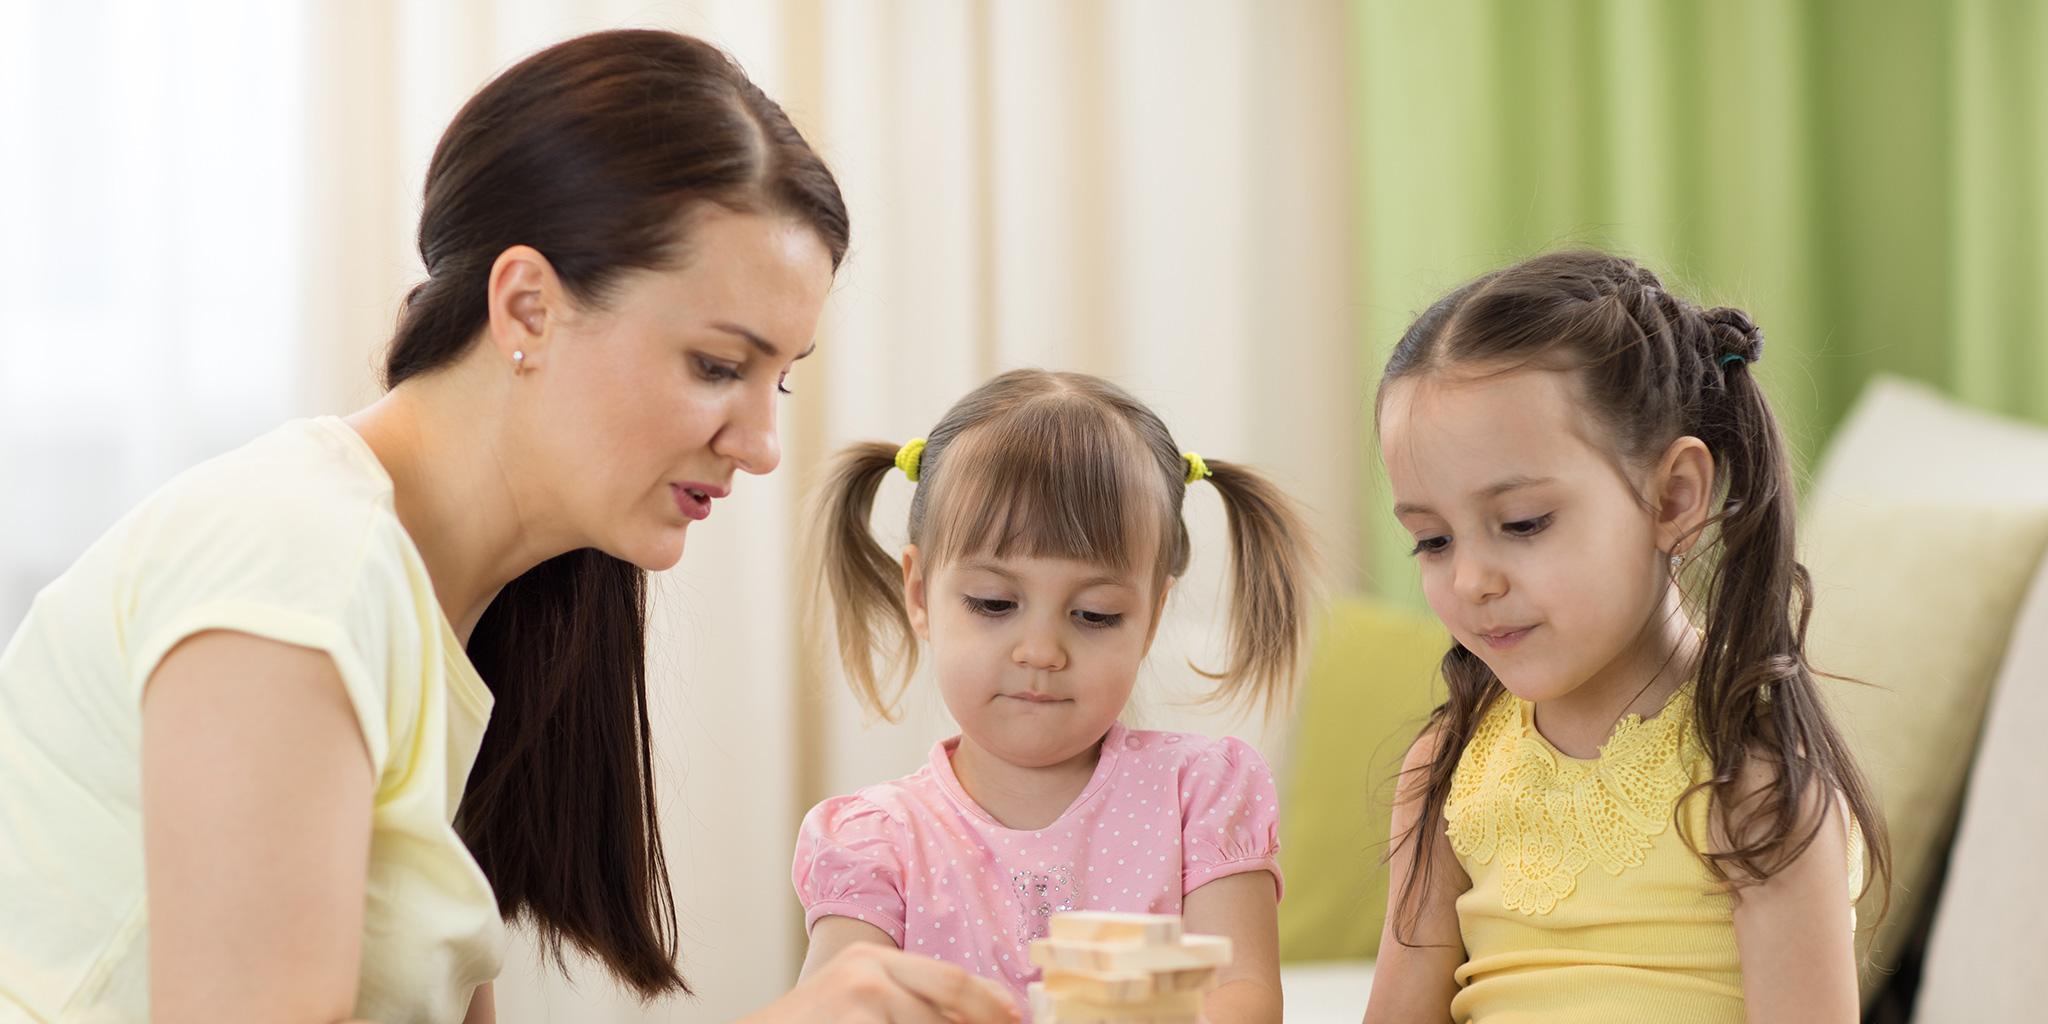 Kuinka hoitaa lapsia ensimmäistä kertaa?